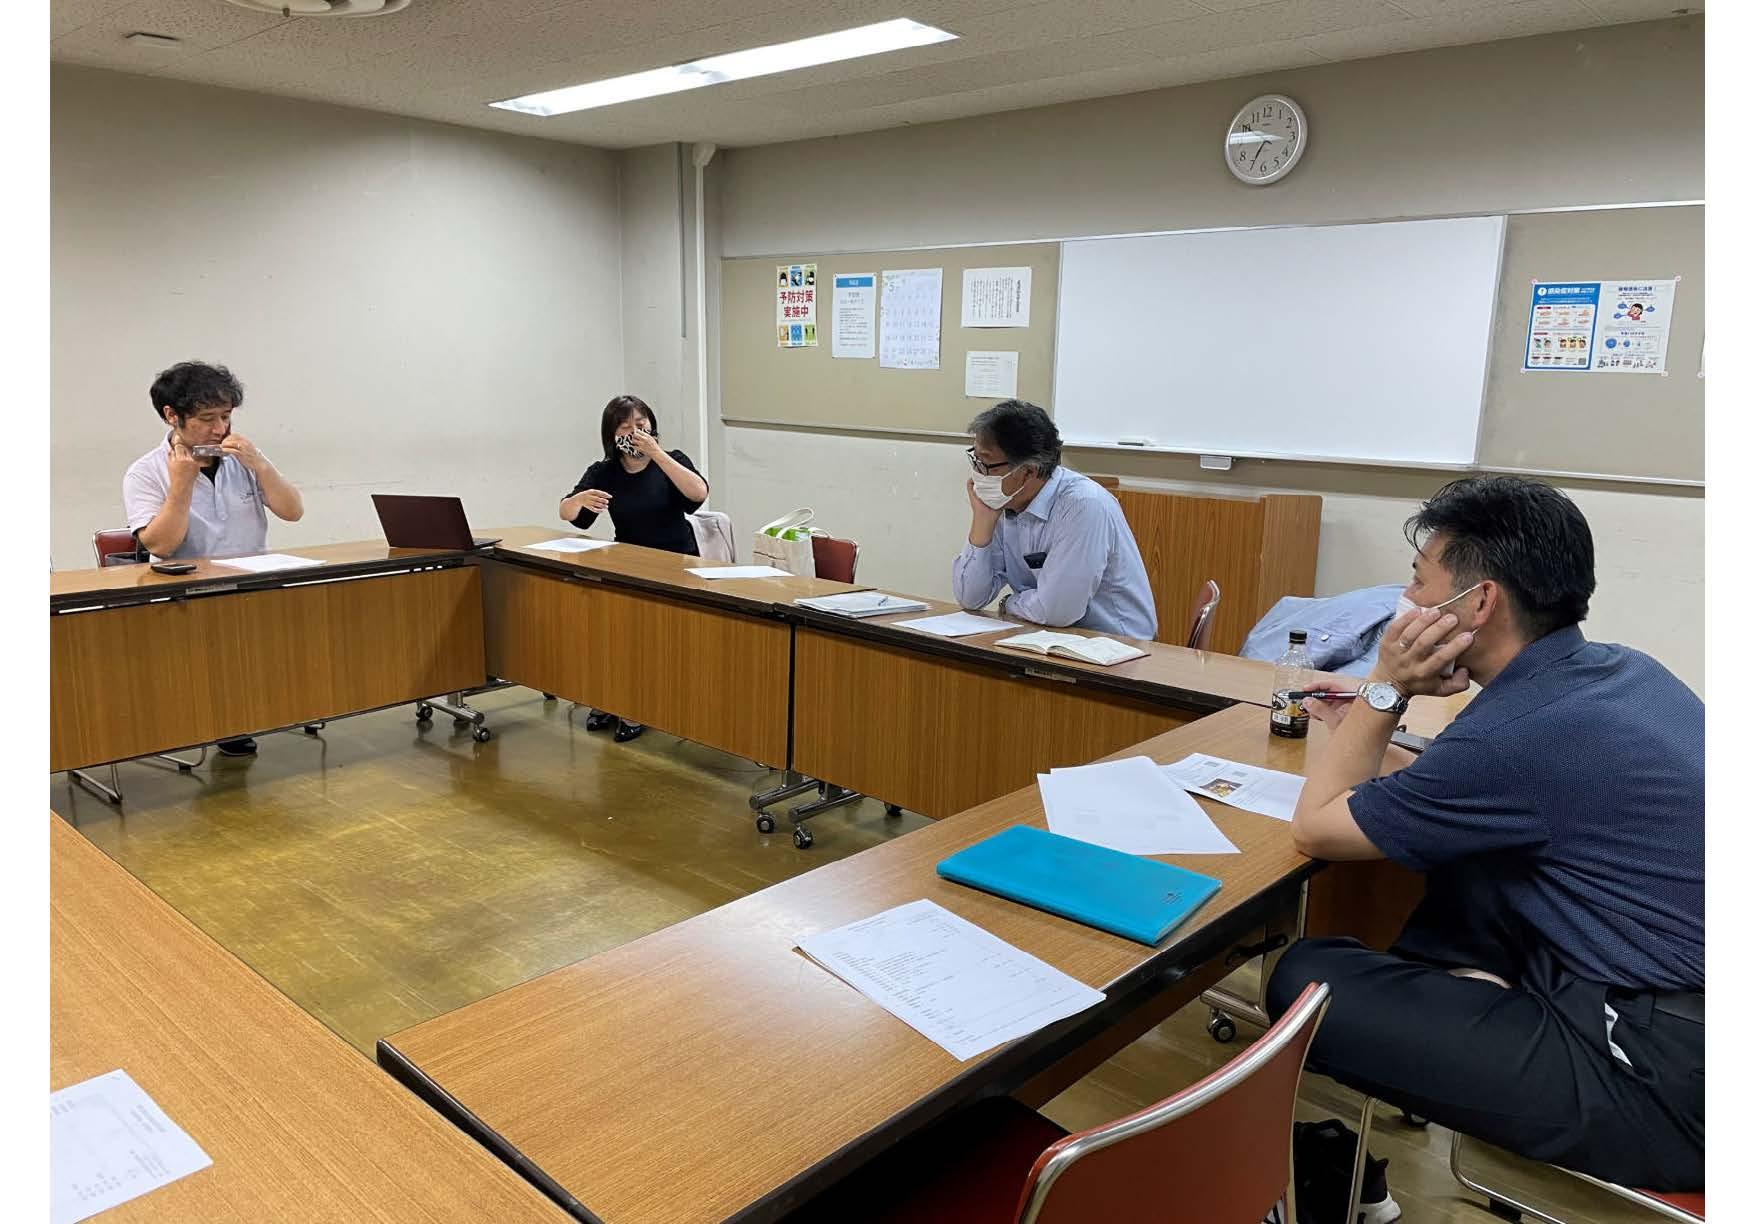 2021/05/19 古民家再生協会岐阜例会